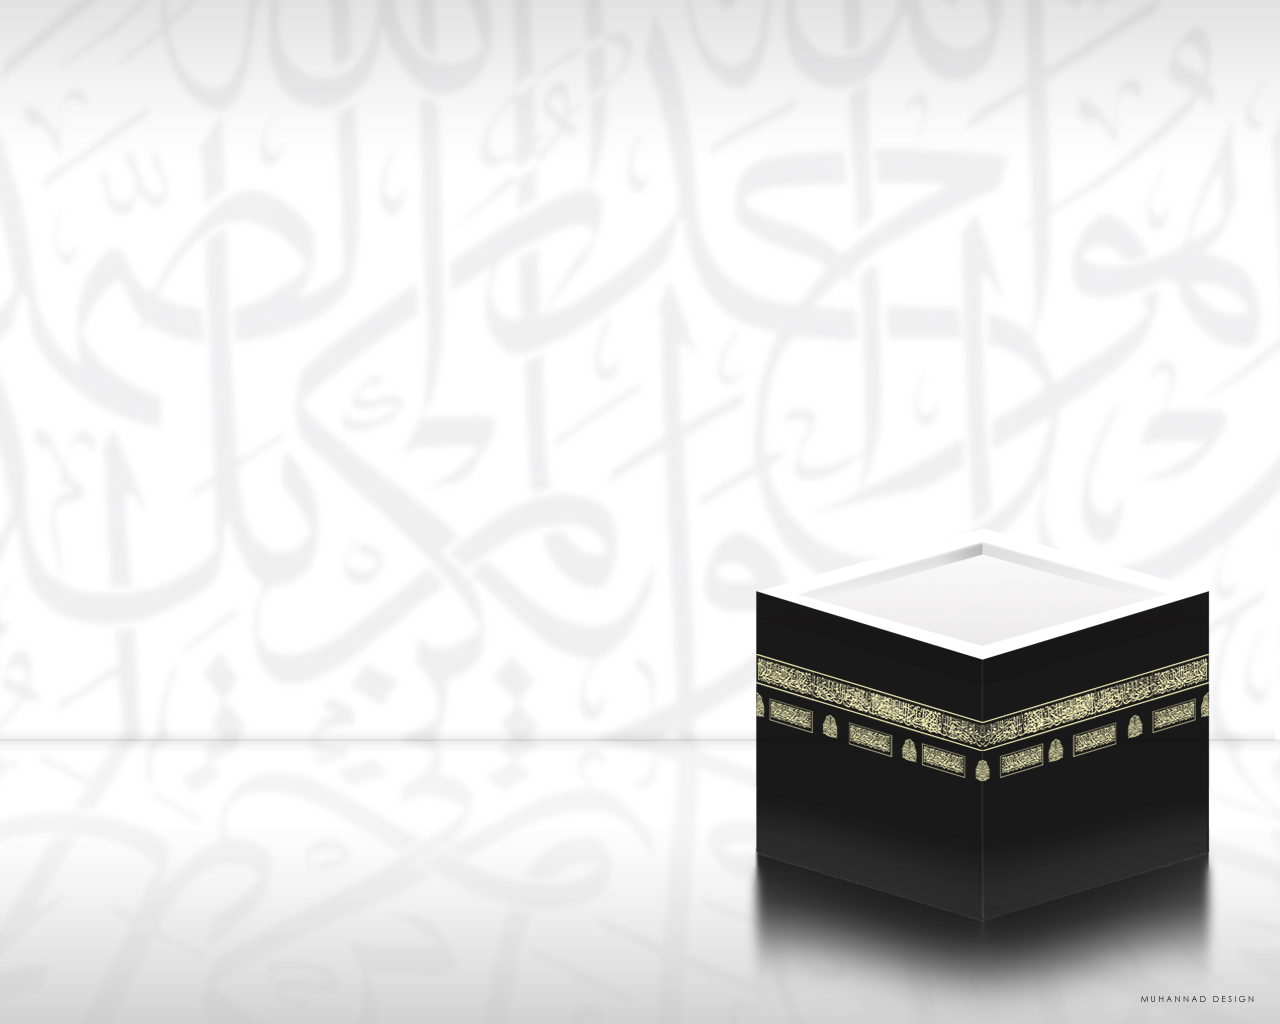 http://4.bp.blogspot.com/-V79Z0bdTz9M/TdQTgpiWF4I/AAAAAAAAAxE/22Pf78pg21U/s1600/ramadan-wallpaper-02.jpg